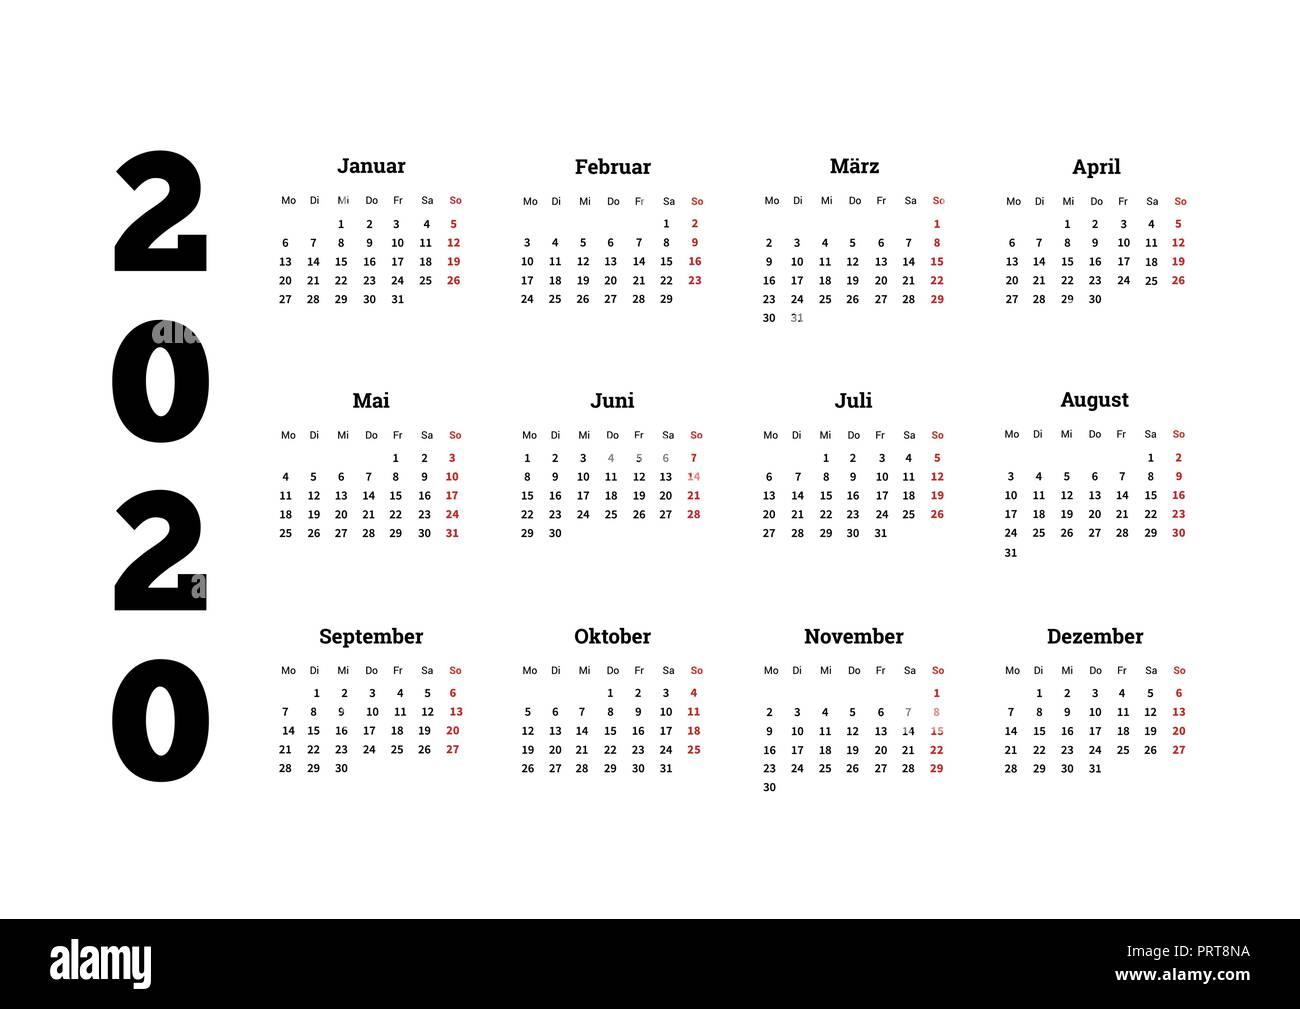 Calendrier Allemand 2020.L Annee 2020 Calendrier Simple Sur La Langue Allemande On